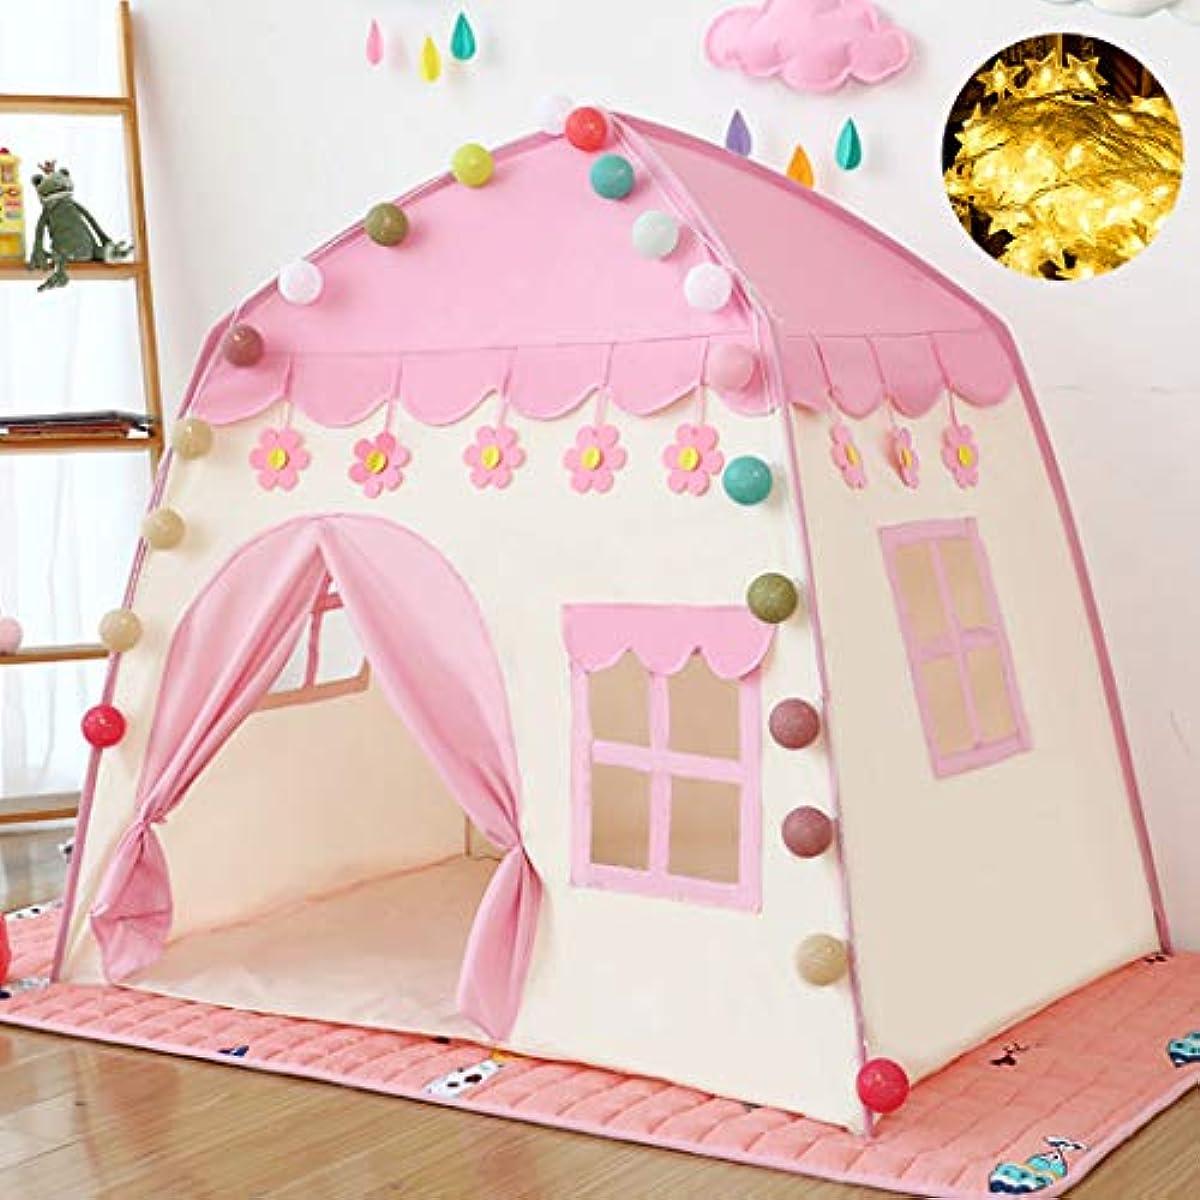 [해외] YOUFANG 아이 텐트 키즈 텐트 어린이용 텐트 KIDS TENT 반짝반짝LED스타 라이트 부착 420D옥스포드 (핑크)